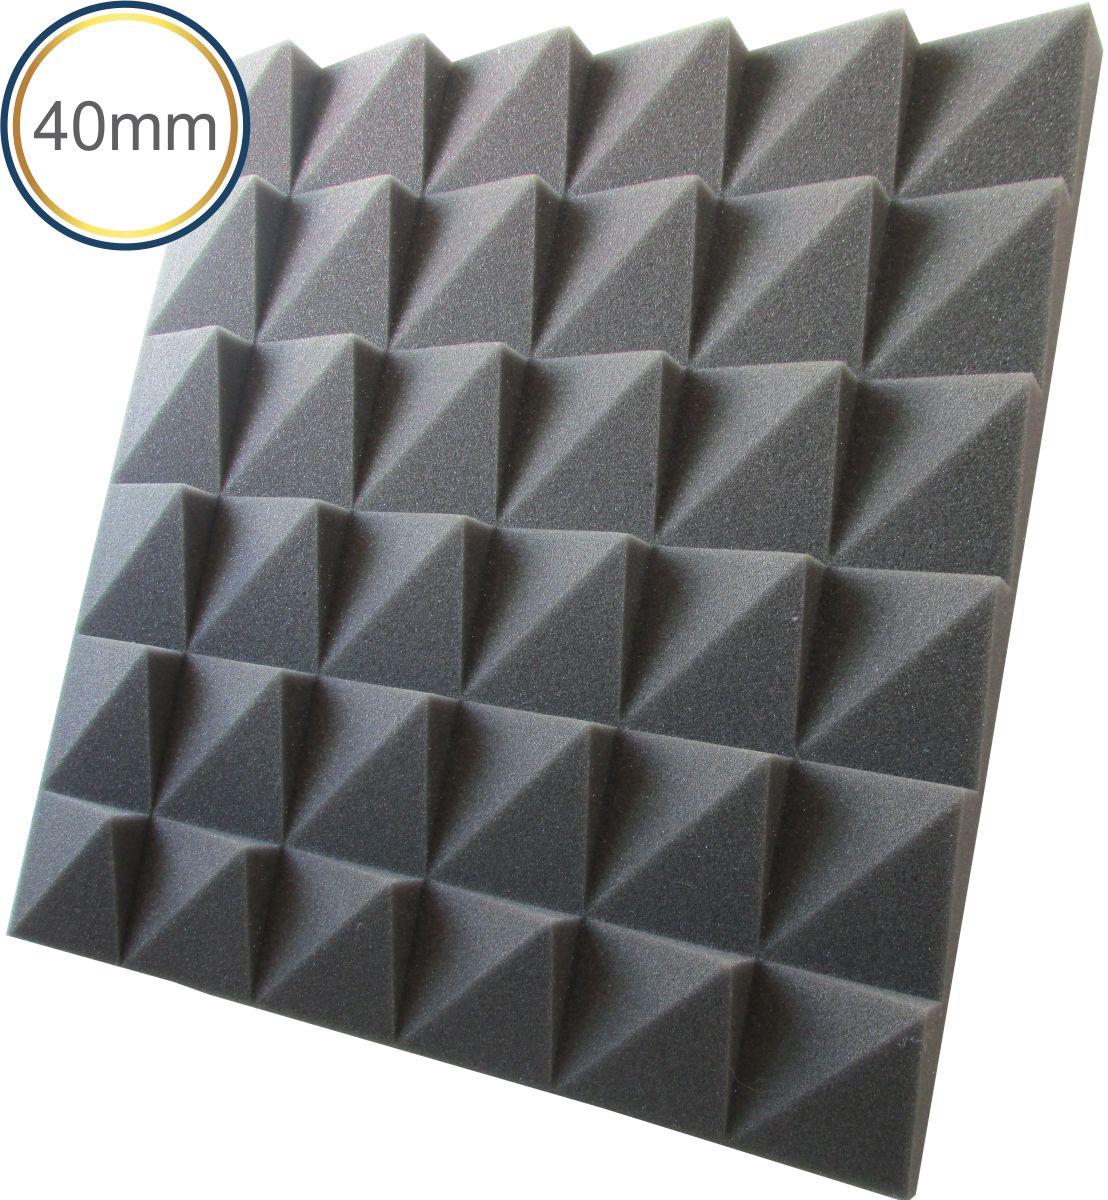 Espuma acústica Revest - Escamas 2 - Kit 4 peças - Cinza - (1m²)  - Loja SPL Acústica